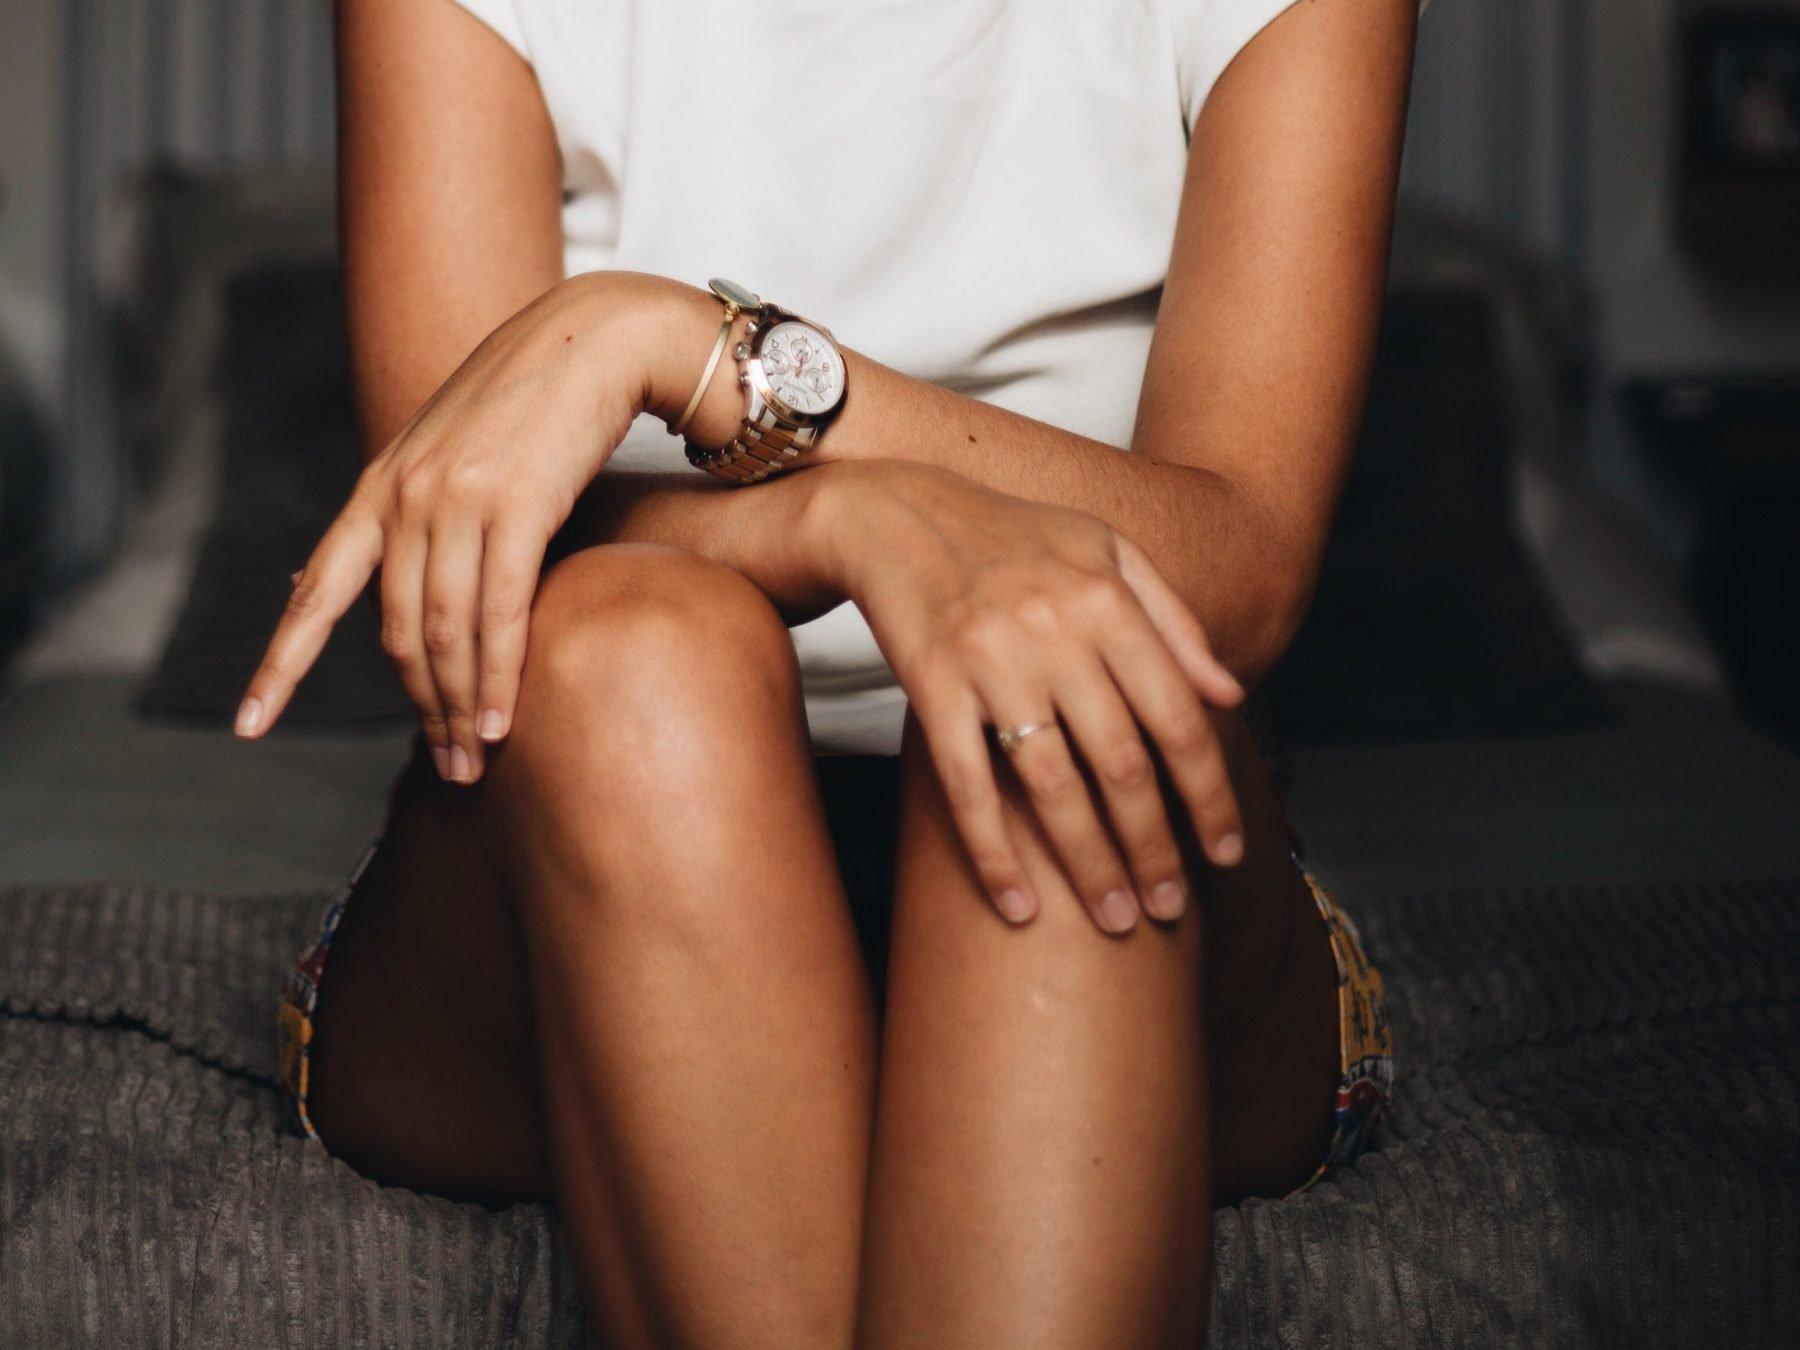 10 σημαντικές πληροφορίες για το εμβόλιο HPV που κάθε γυναίκα θα πρέπει να ξέρει